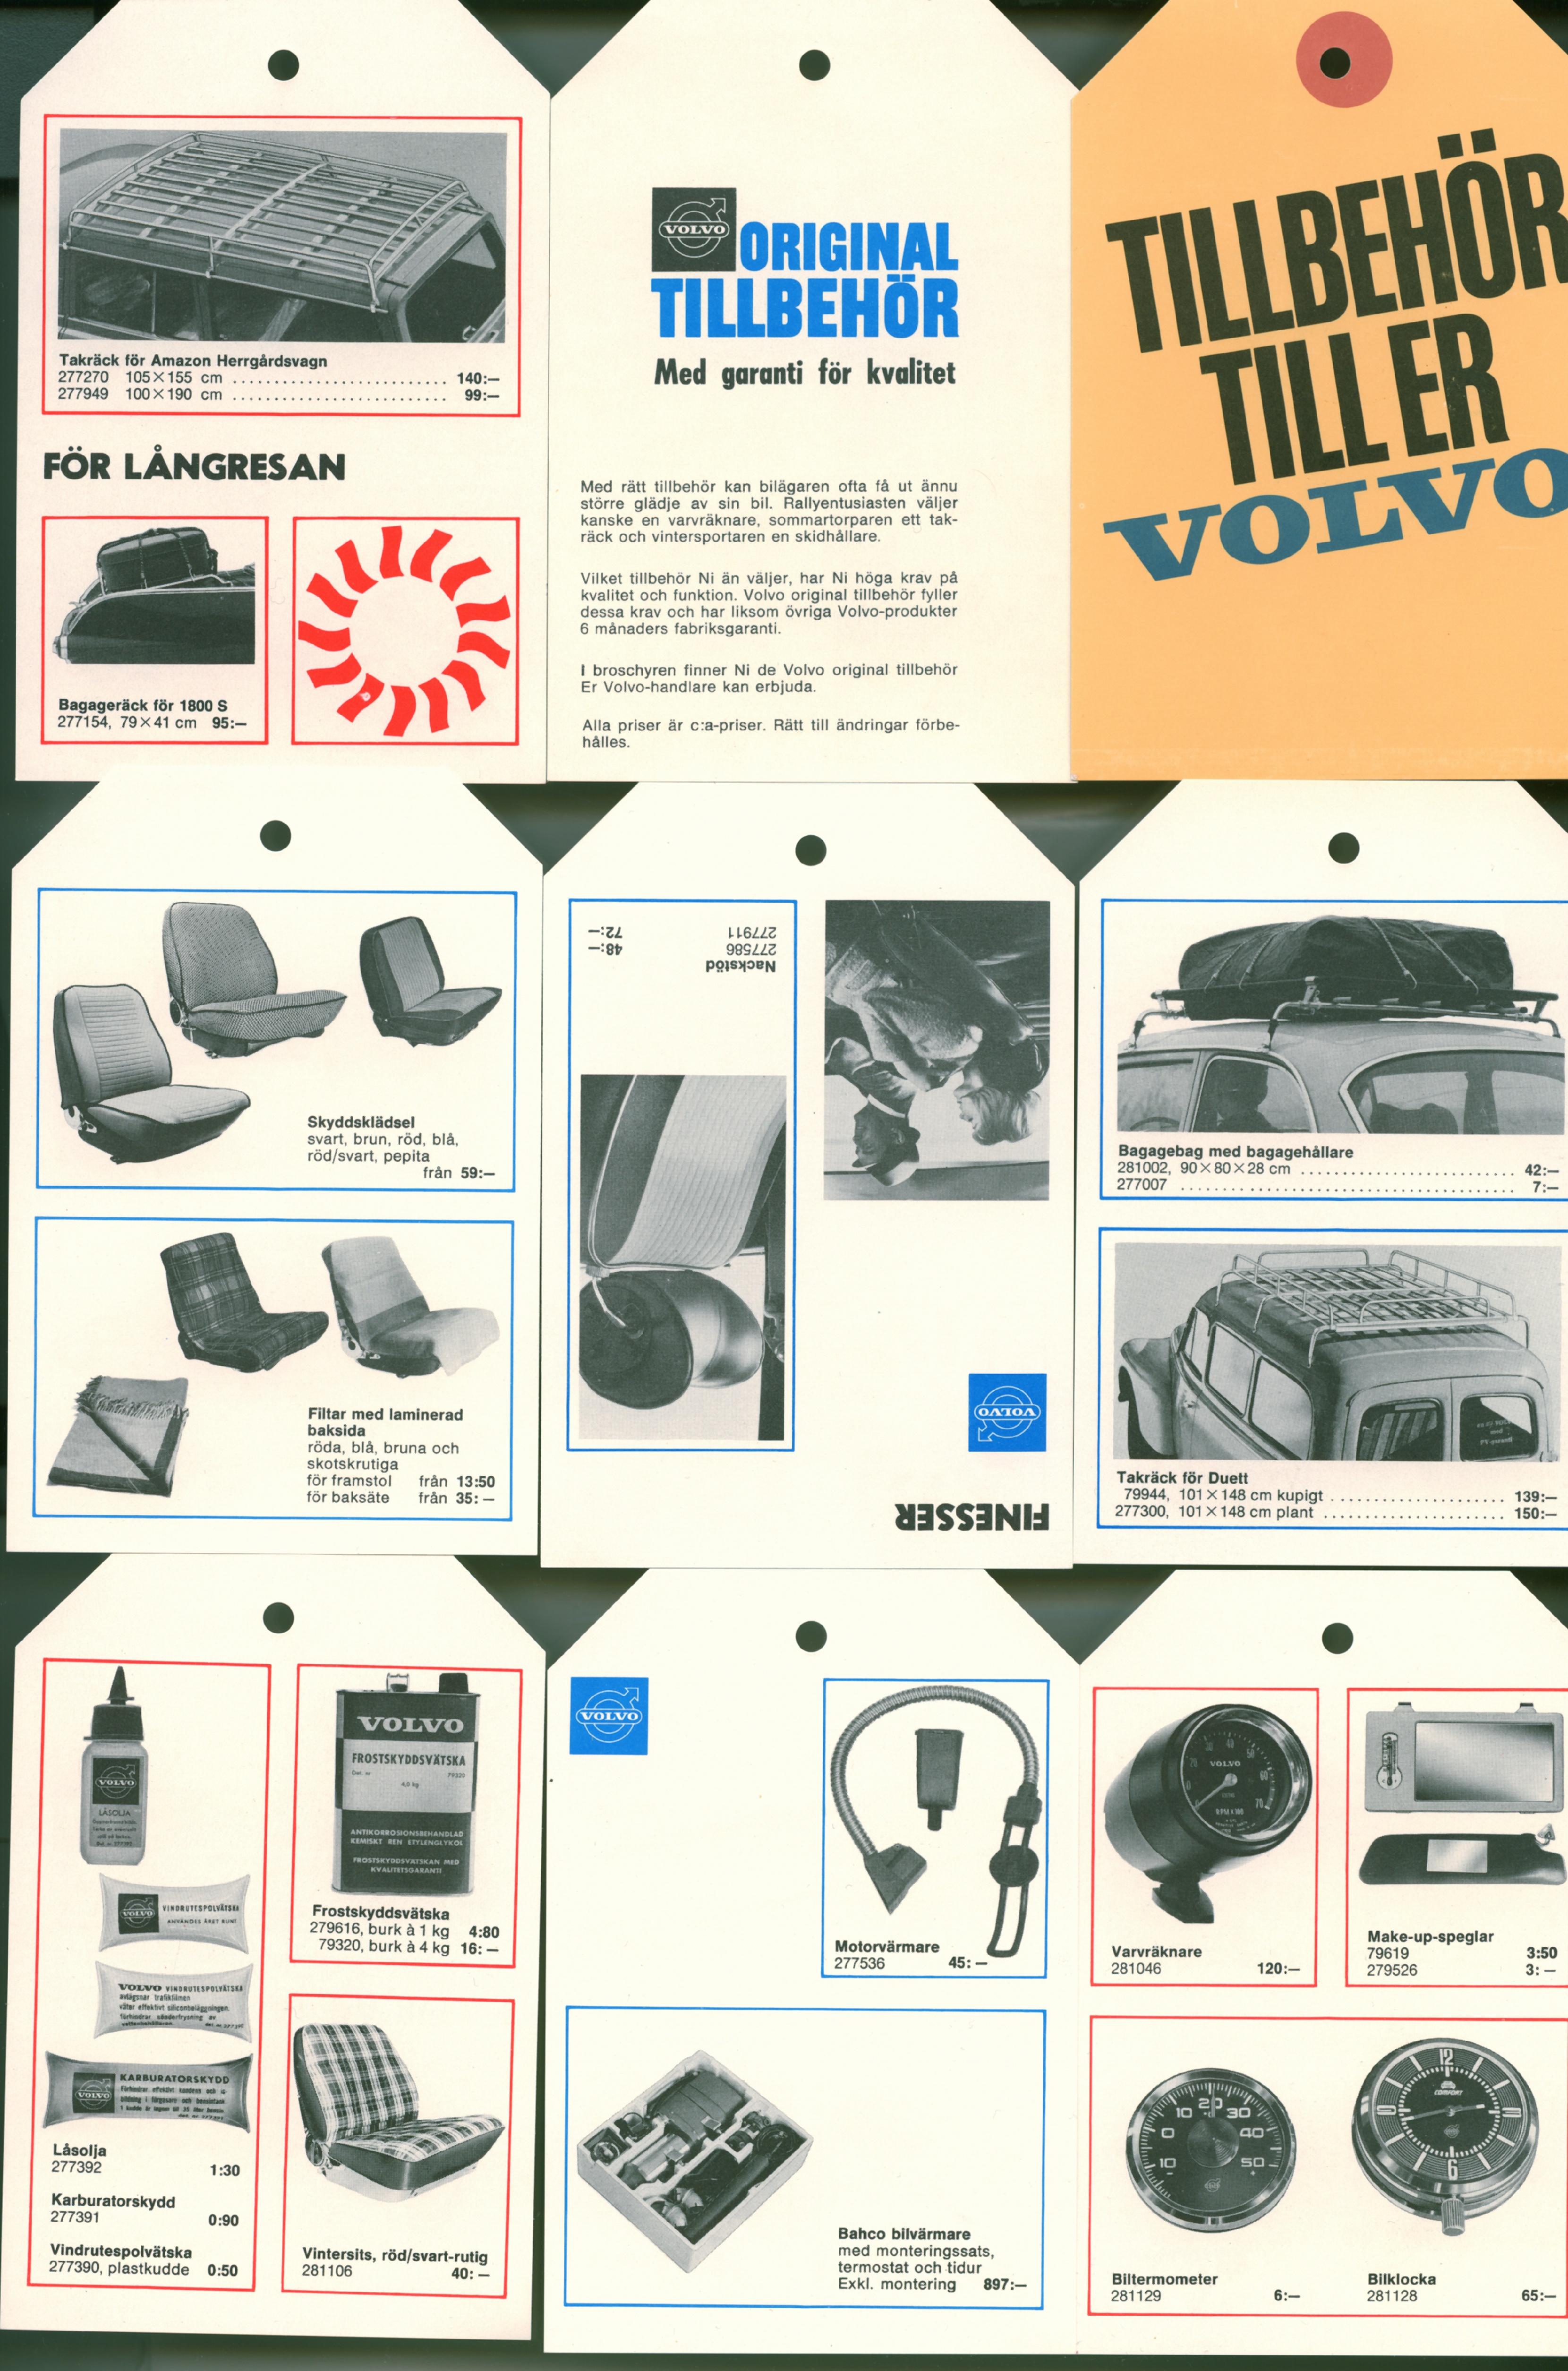 Volvo original tillbehör